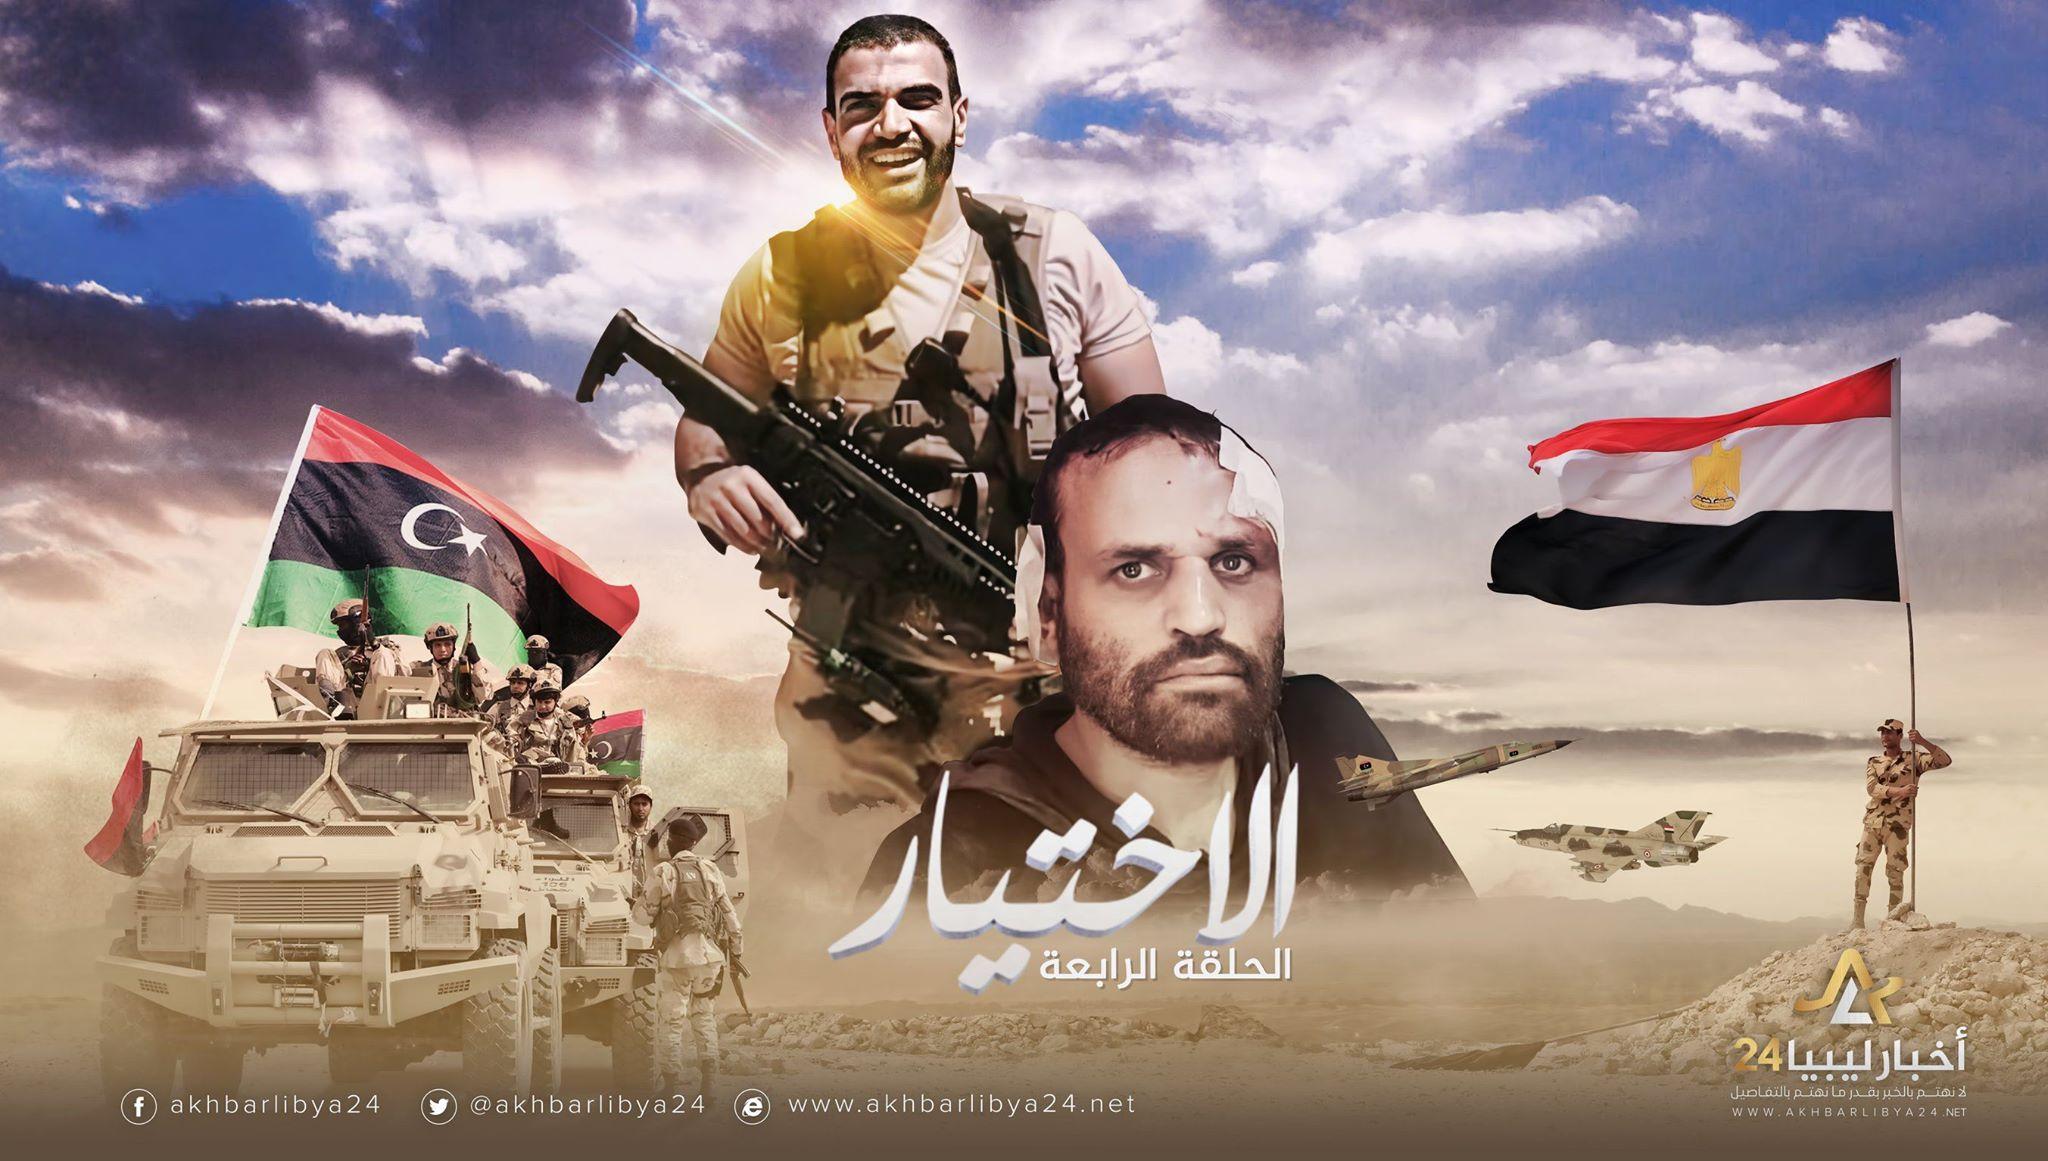 صورة لقي جزاء أعماله..عشماوي اختار لنفسه مكان في منظومة الإرهاب